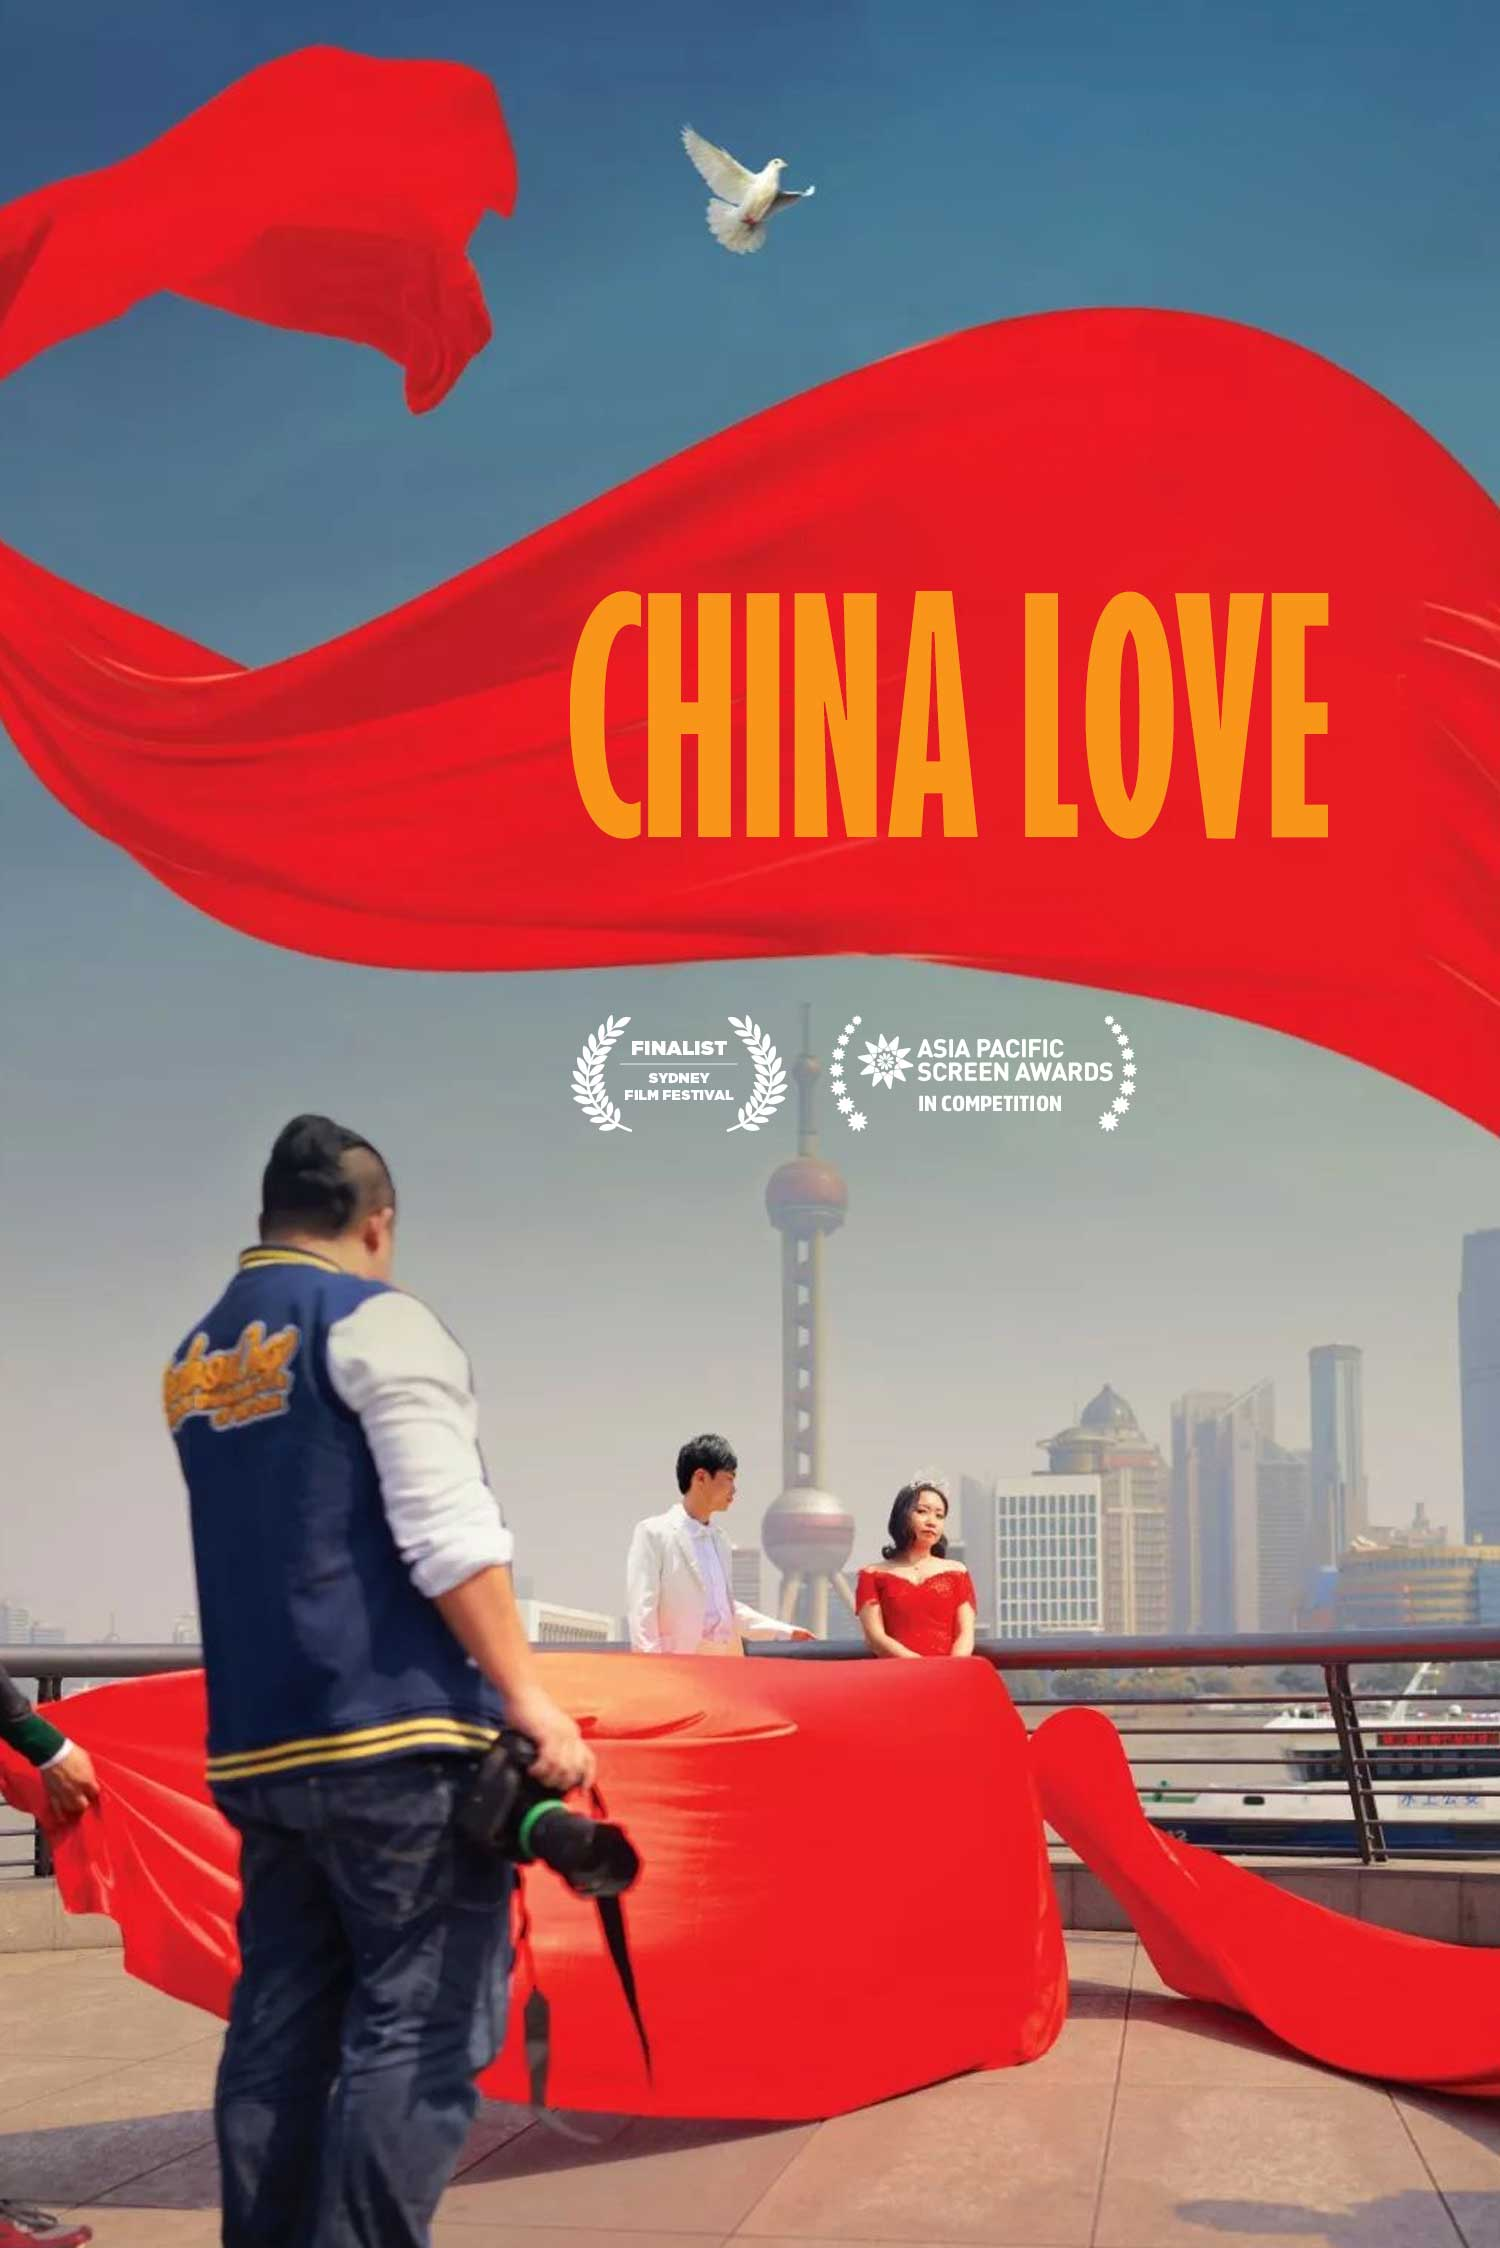 China Love